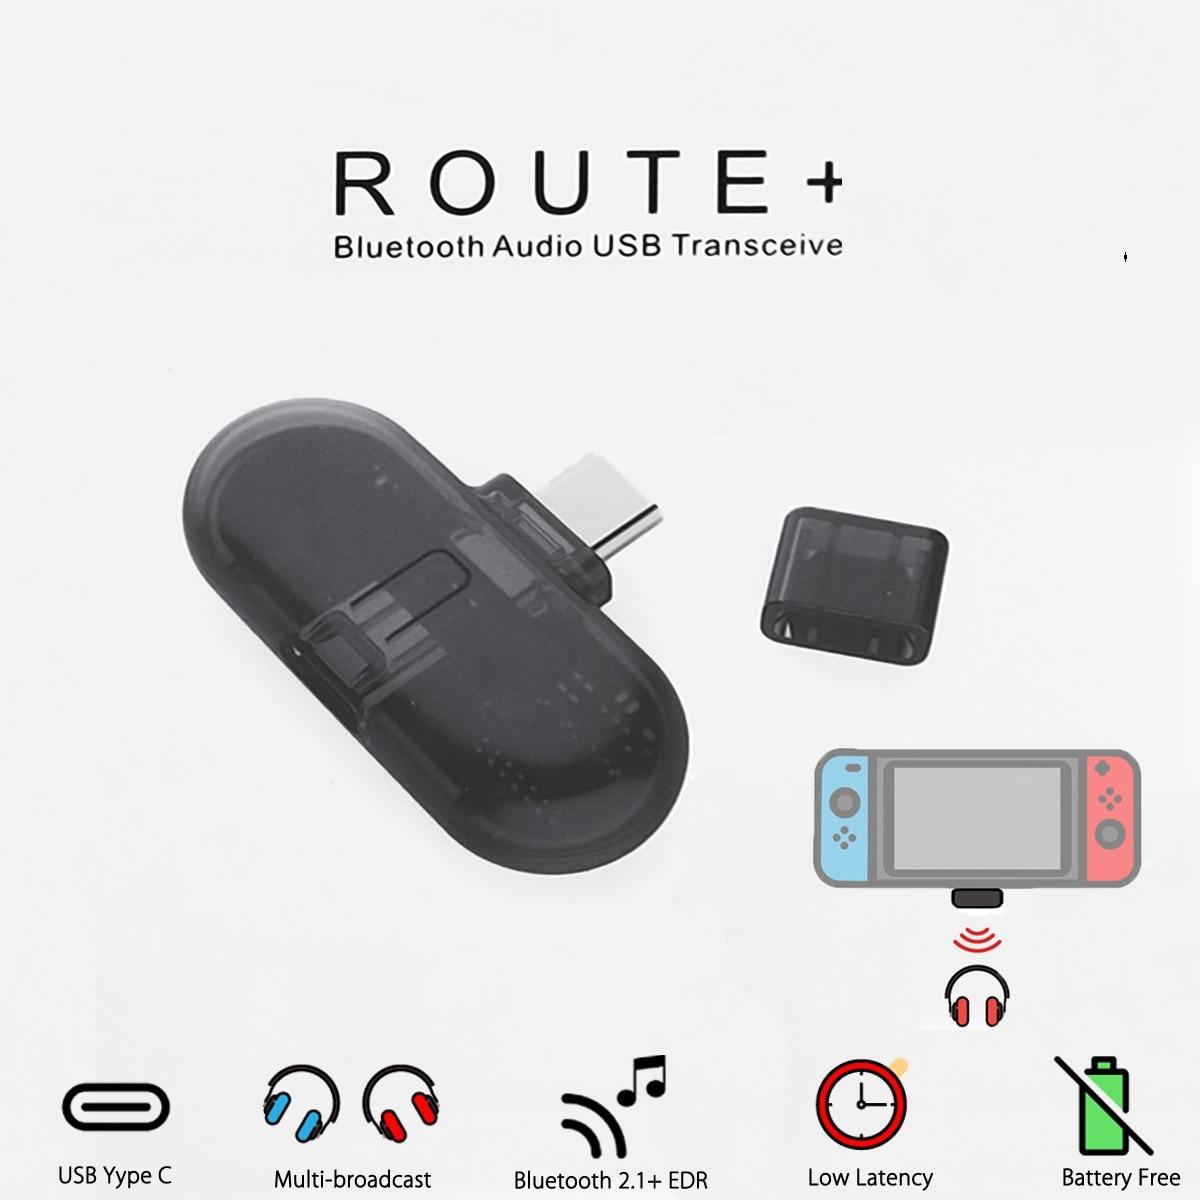 KINCO GB1 sans fil bluetooth 2.1 + EDR USB TYPE-C adaptateur HiFi Audio USB émetteur-récepteur + ROUTE